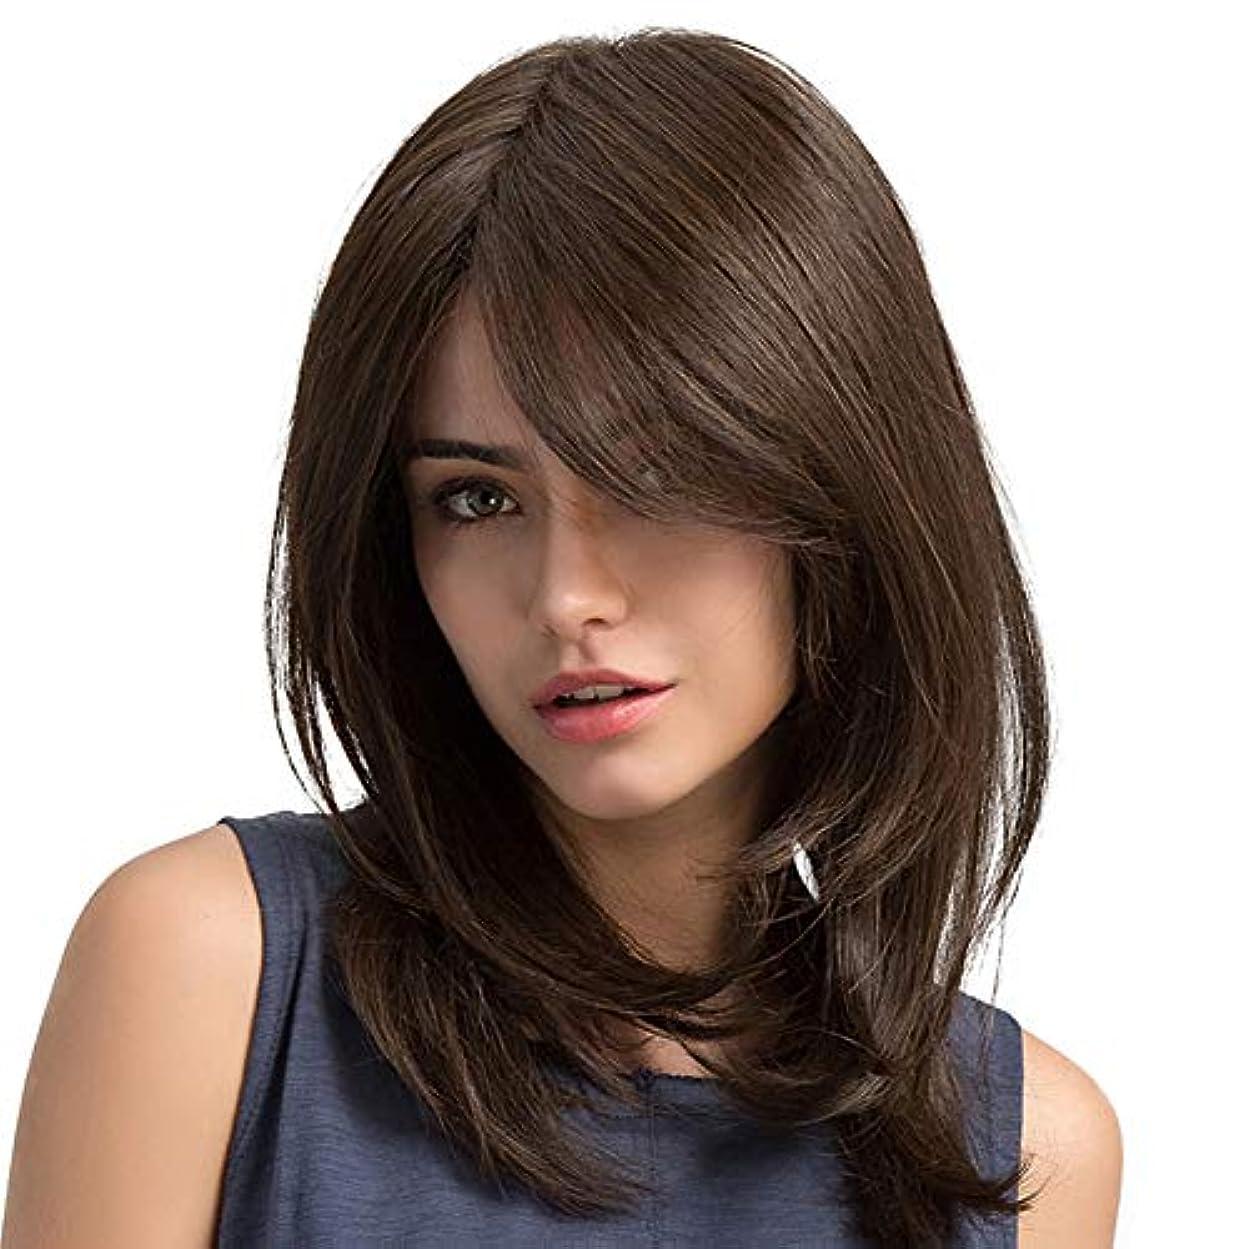 リスト殺します驚ファッションかつら 茶色 波状の髪 合成ウィッグ 耐熱性